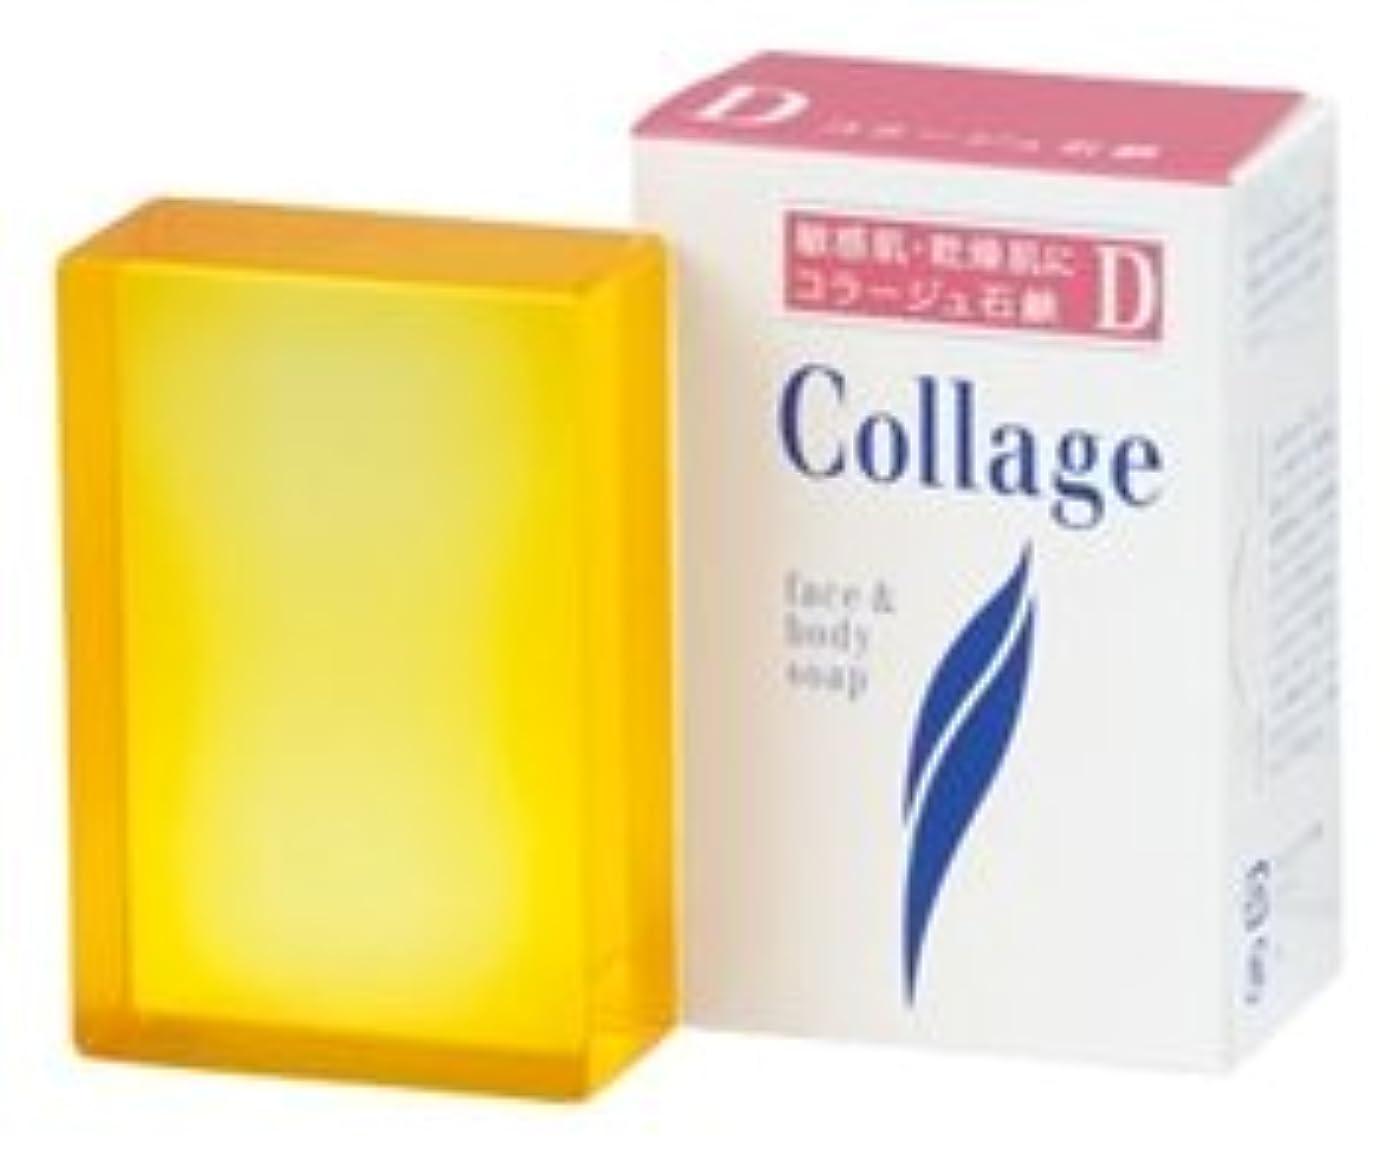 契約した保育園かすかなコラージュD乾性肌用石鹸100g×2 1342